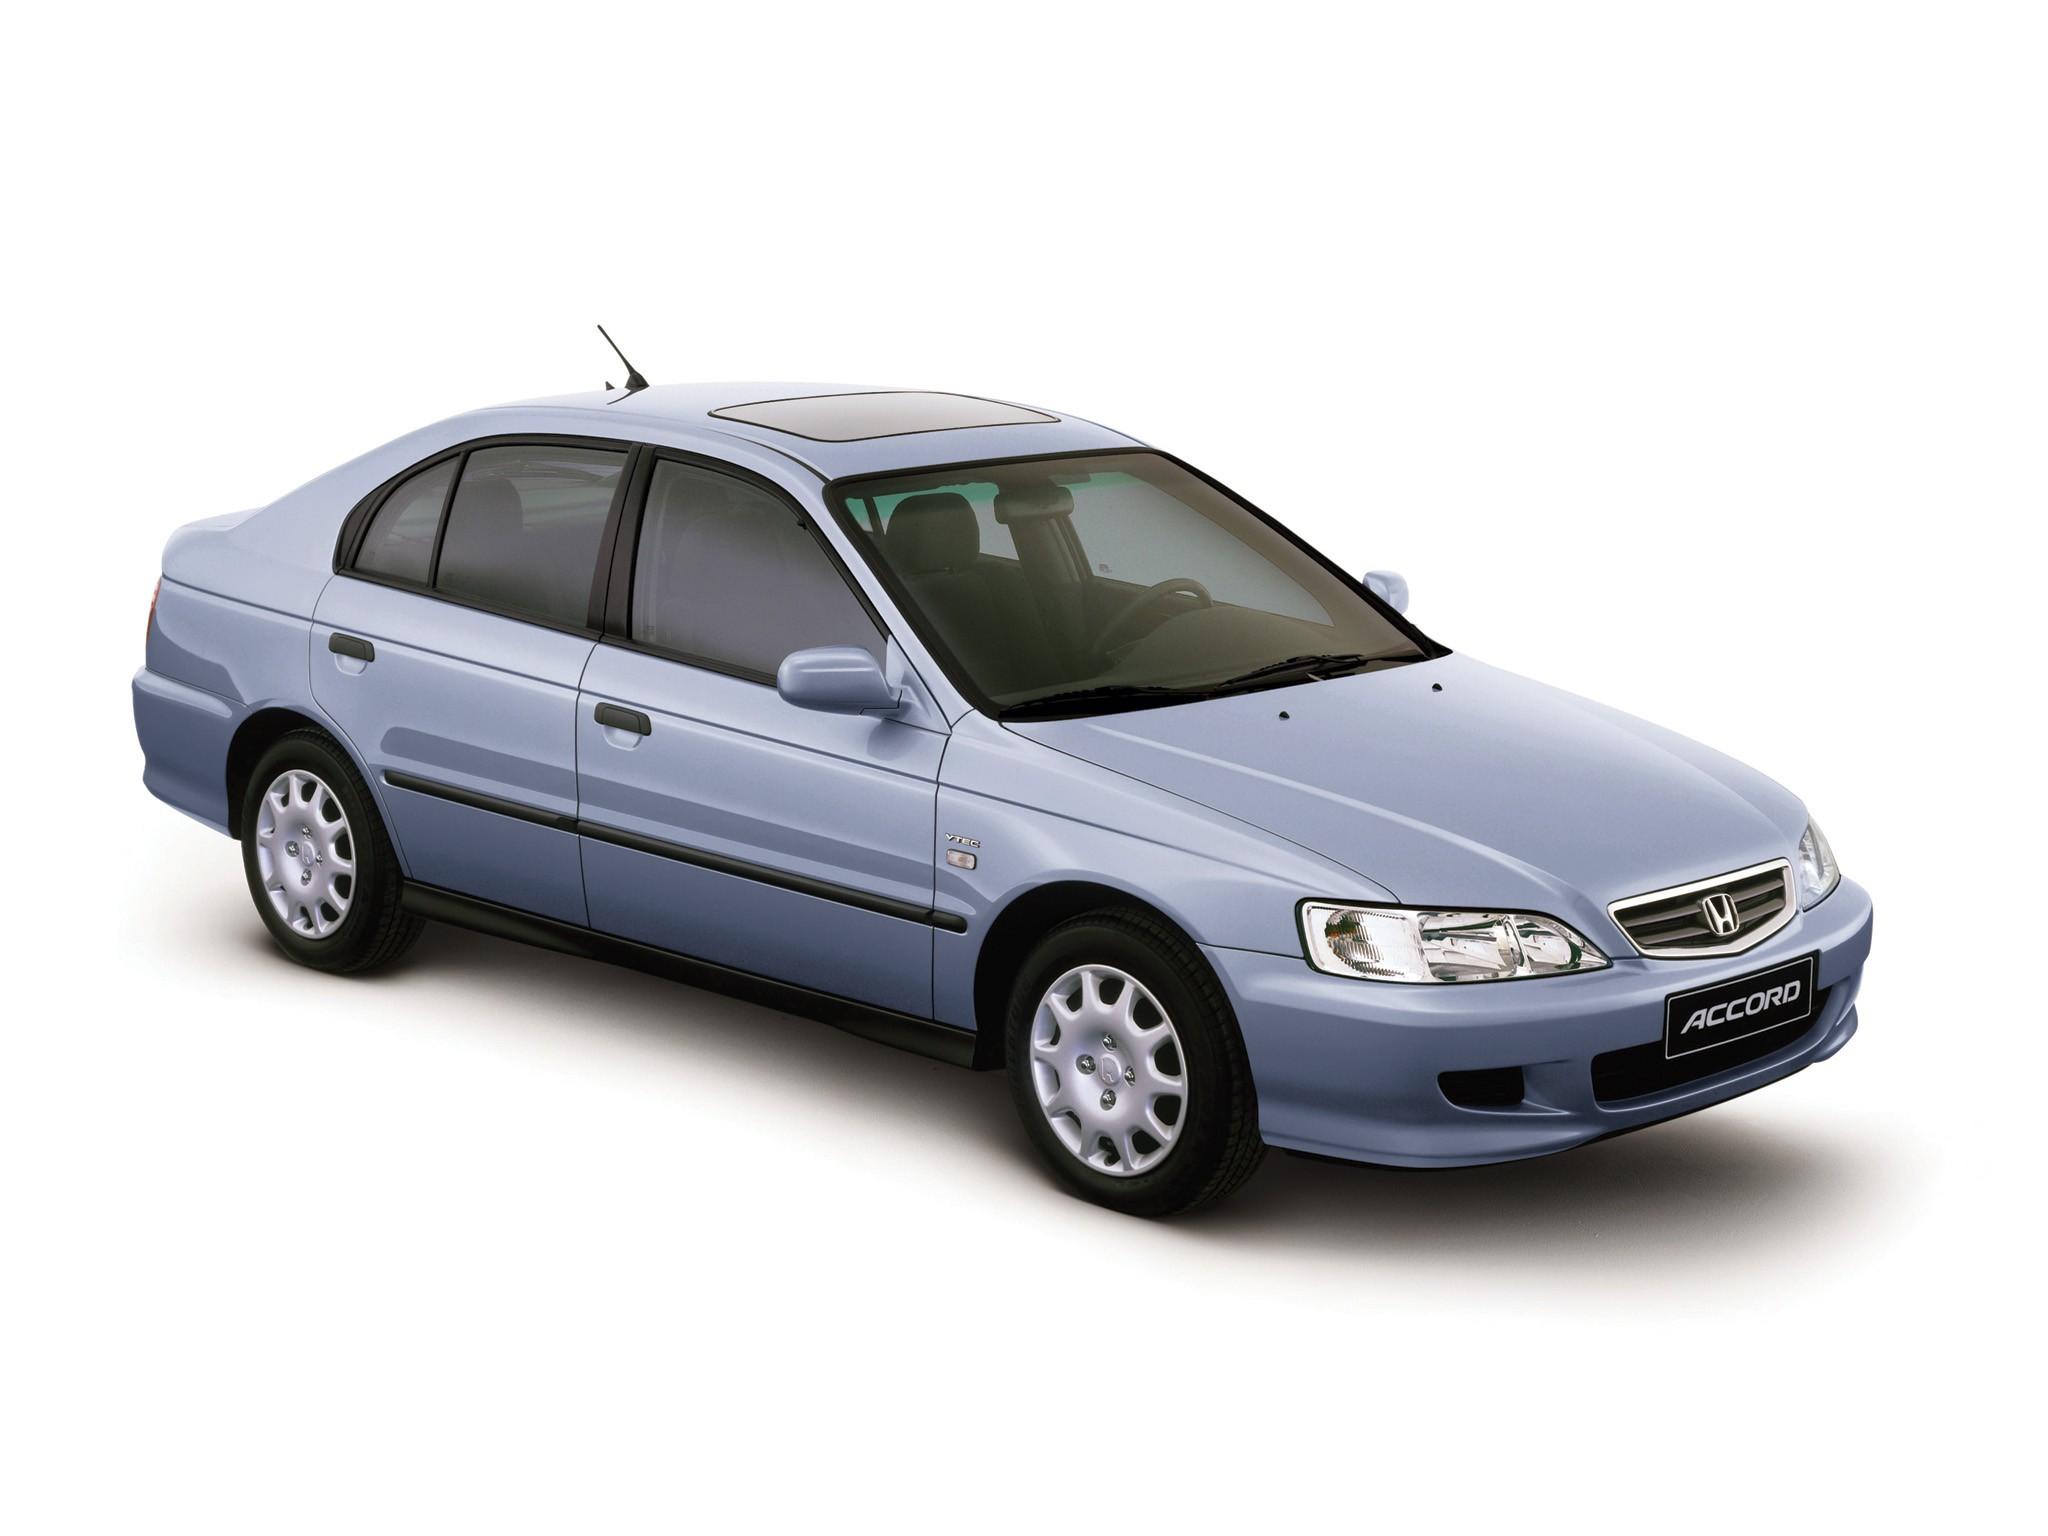 diagram for 2000 honda accord door jeep cherokee window wiring 5 doors specs 1999 2001 autoevolution